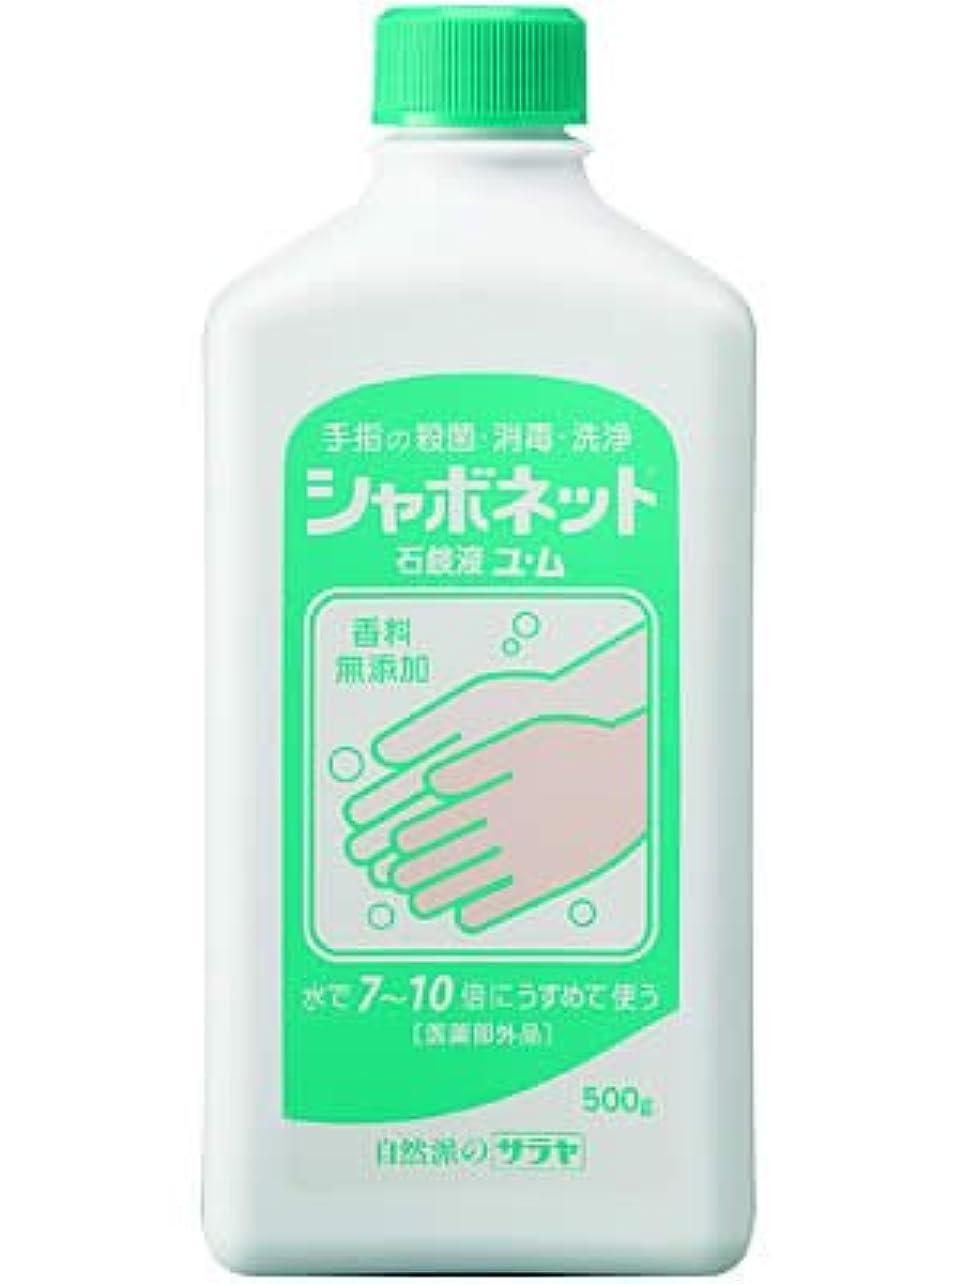 薄汚いピービッシュセンブランスシャボネット 石鹸液 ユ?ム 500g ×6個セット